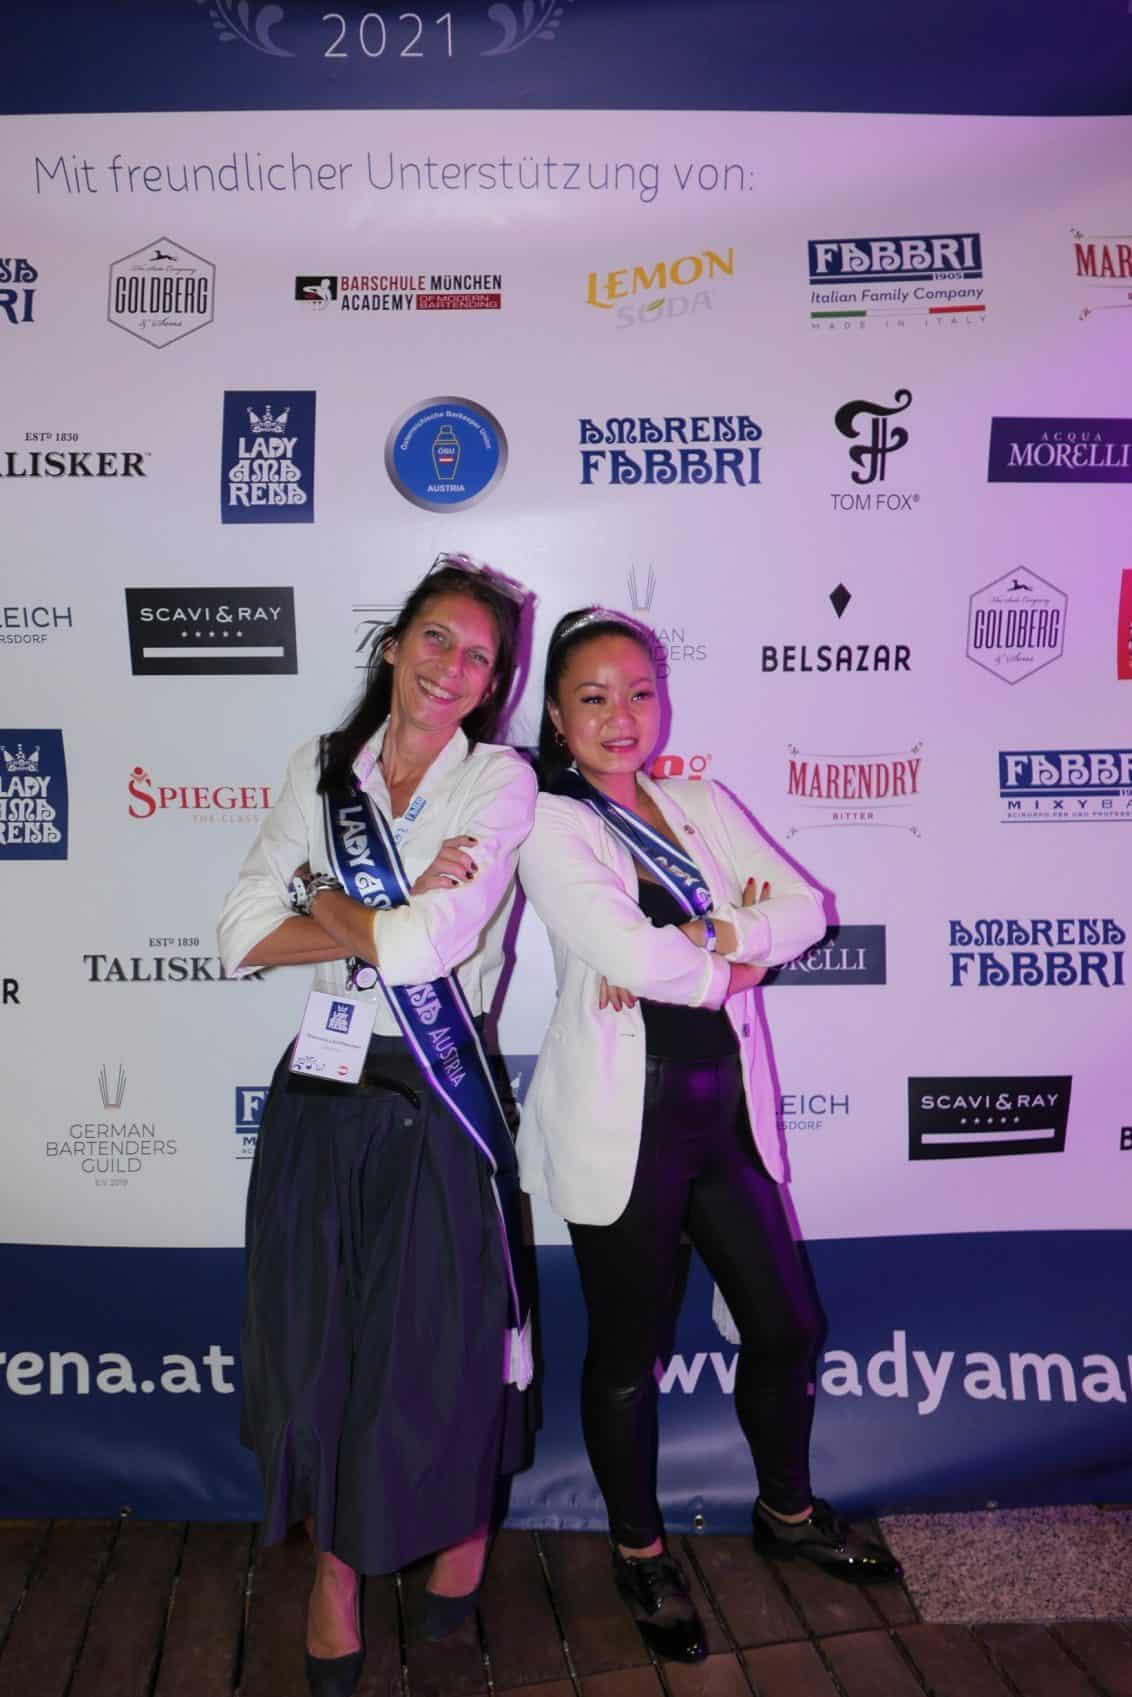 Gewinnerinnen-Lady-Amarena_-Manuela-Lerchbaumer-und-Linh-Nguyen-1132x1697